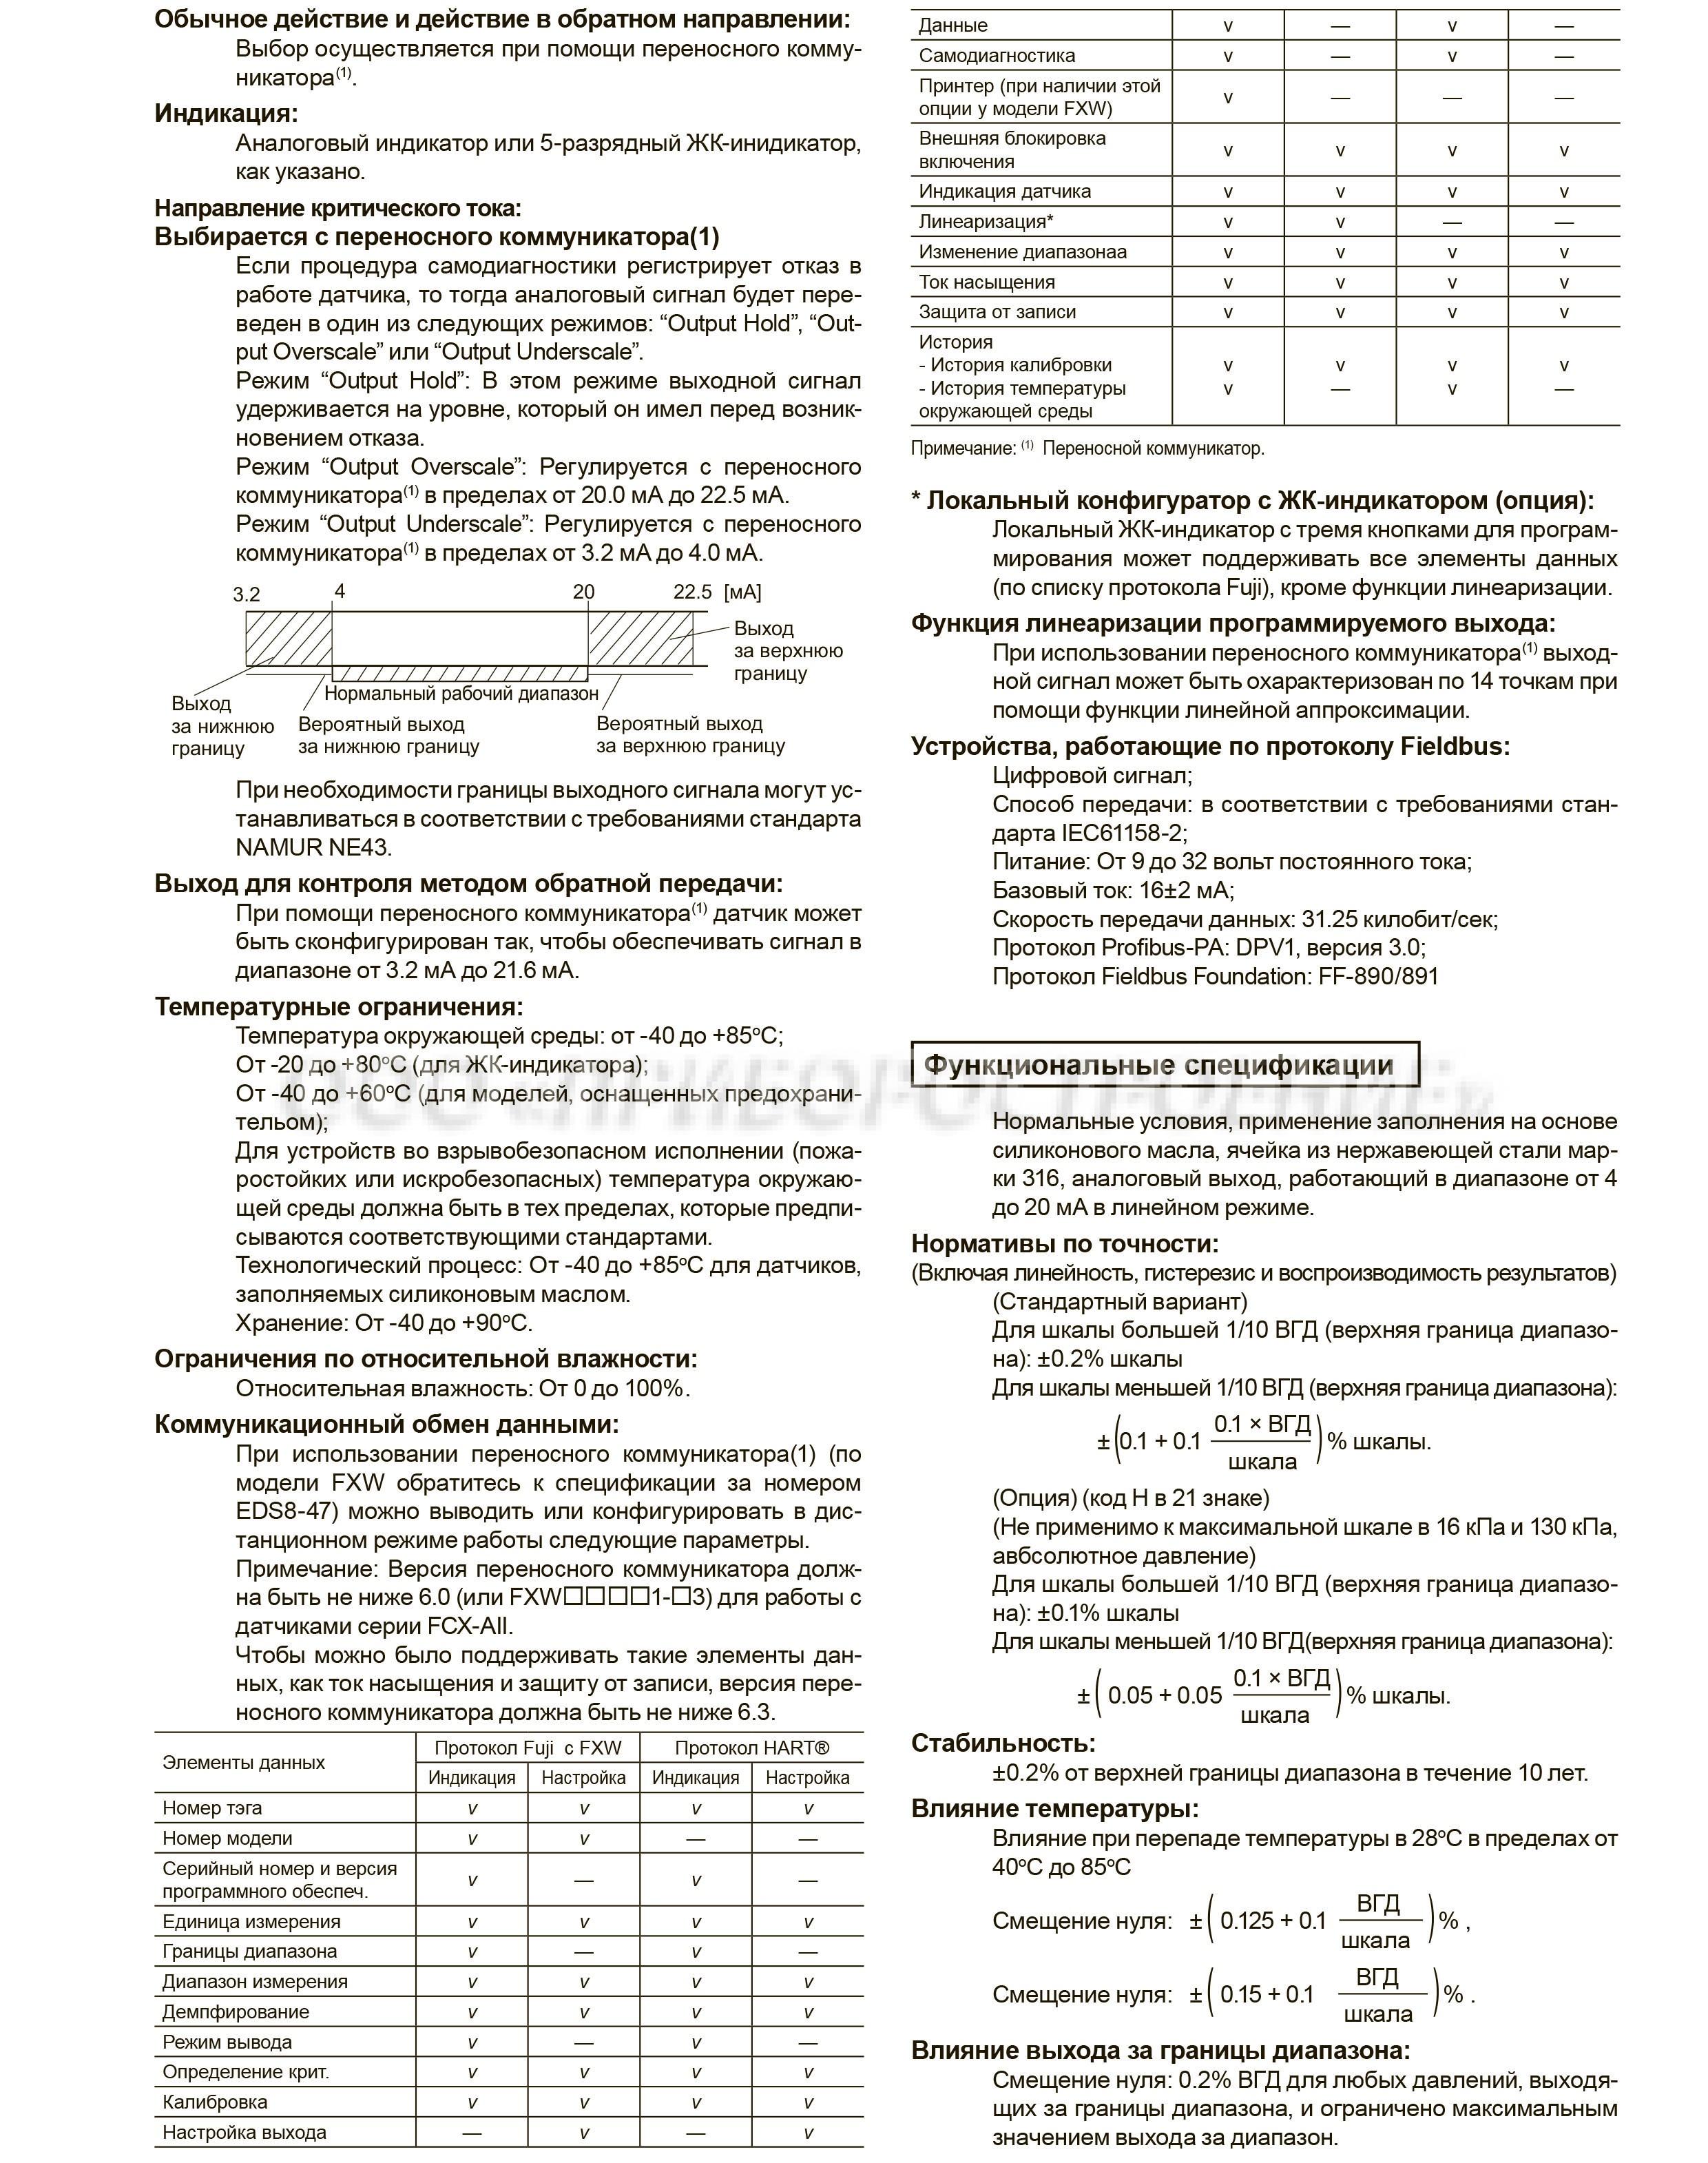 FKA_FDA-3